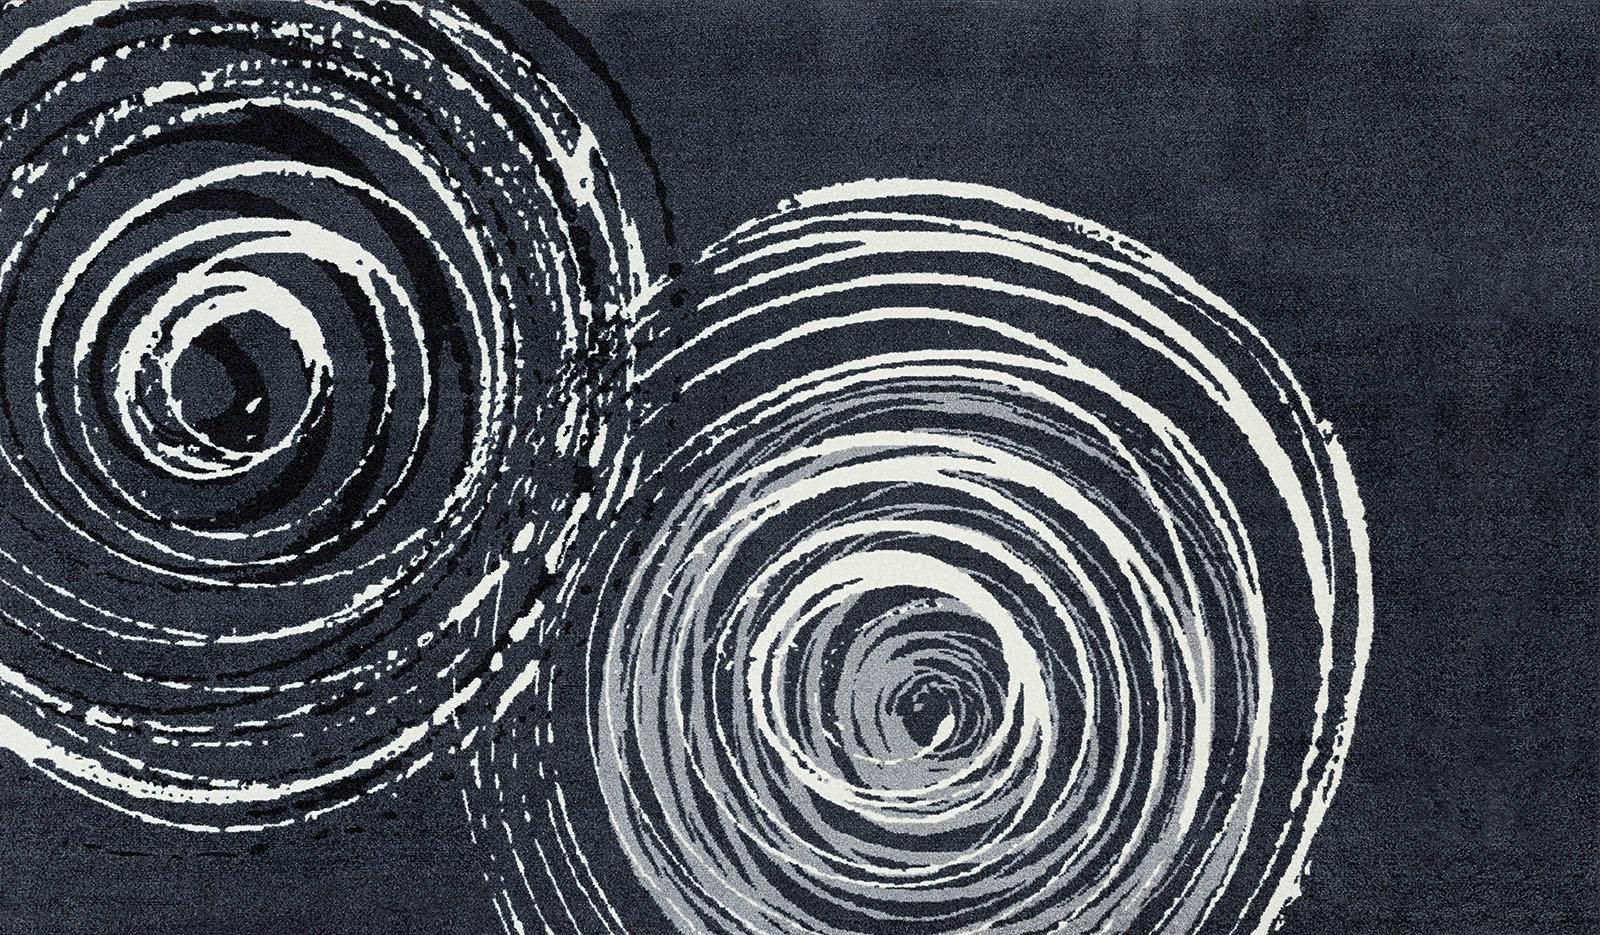 Teppich Swirl wash+dry by Kleen-Tex rechteckig Höhe 9 mm gedruckt